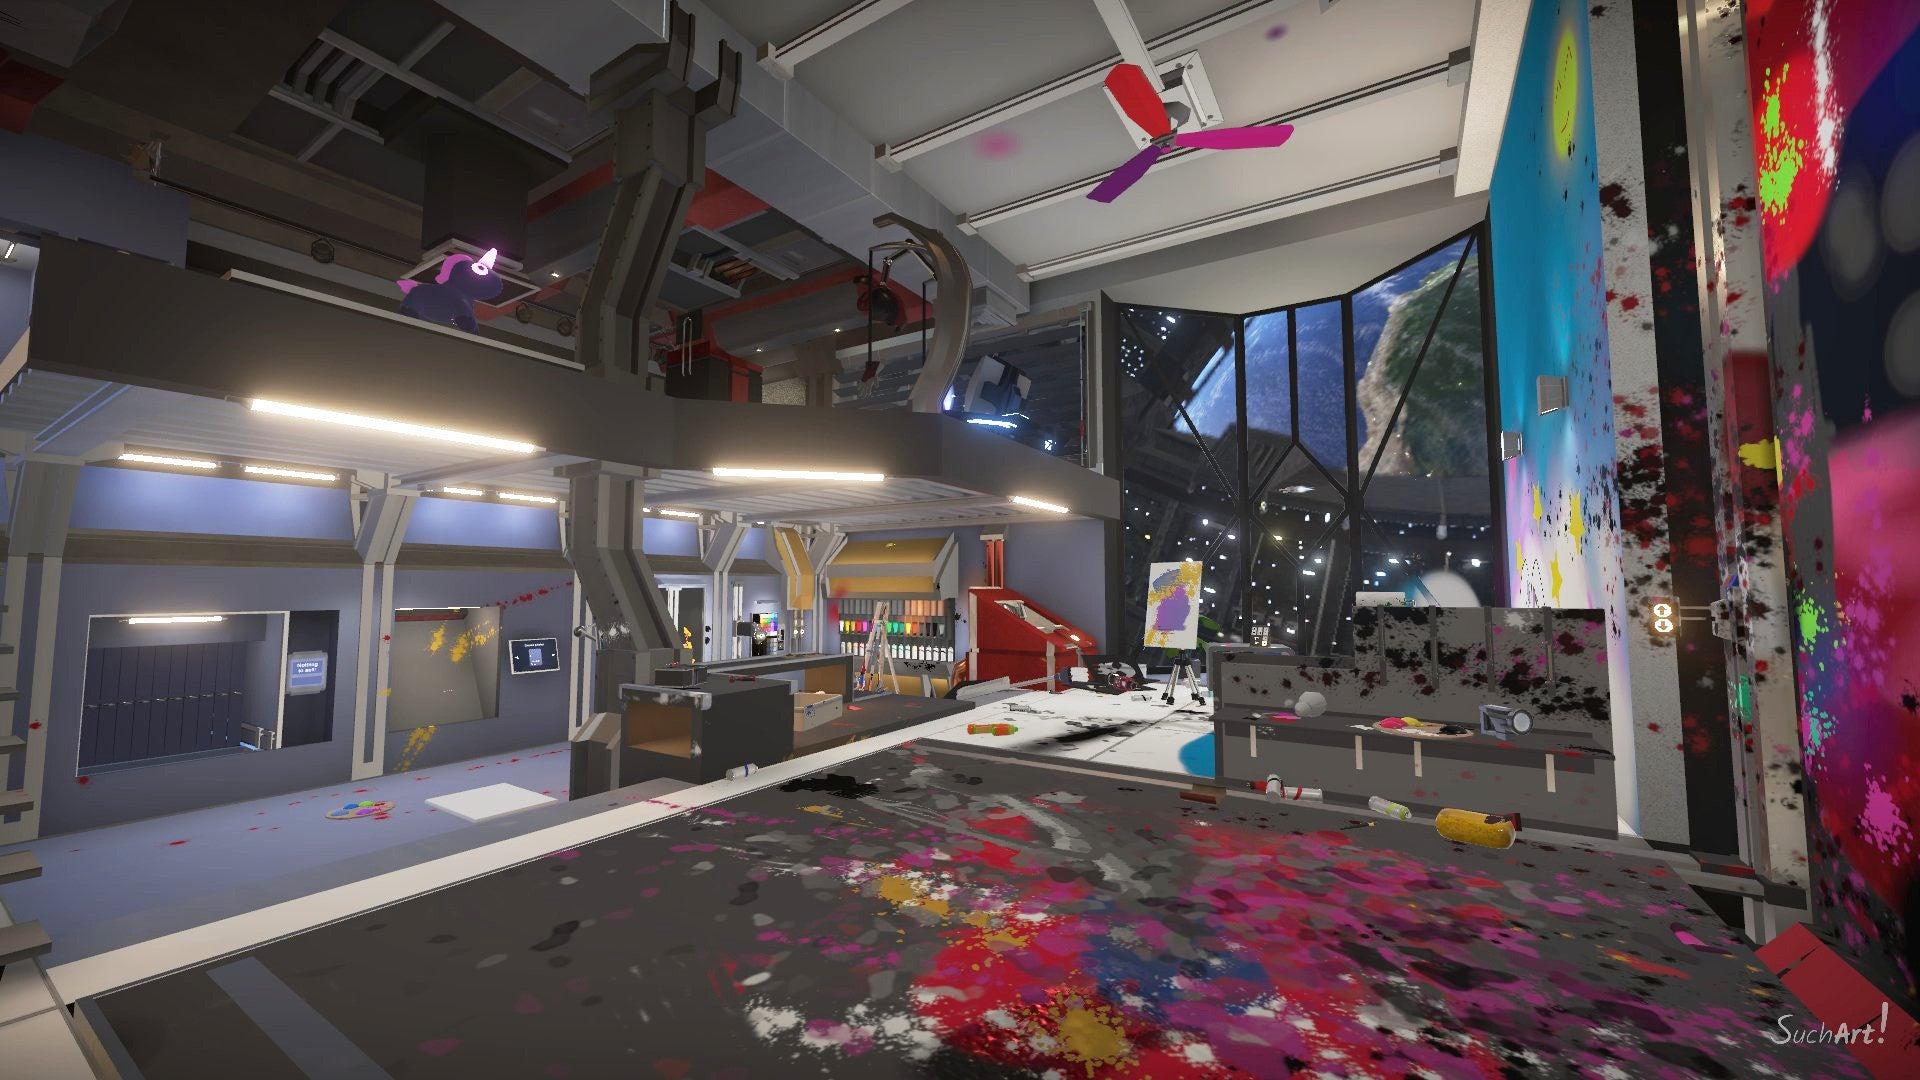 Screenshot of Suchart: Genius Painter Simulator